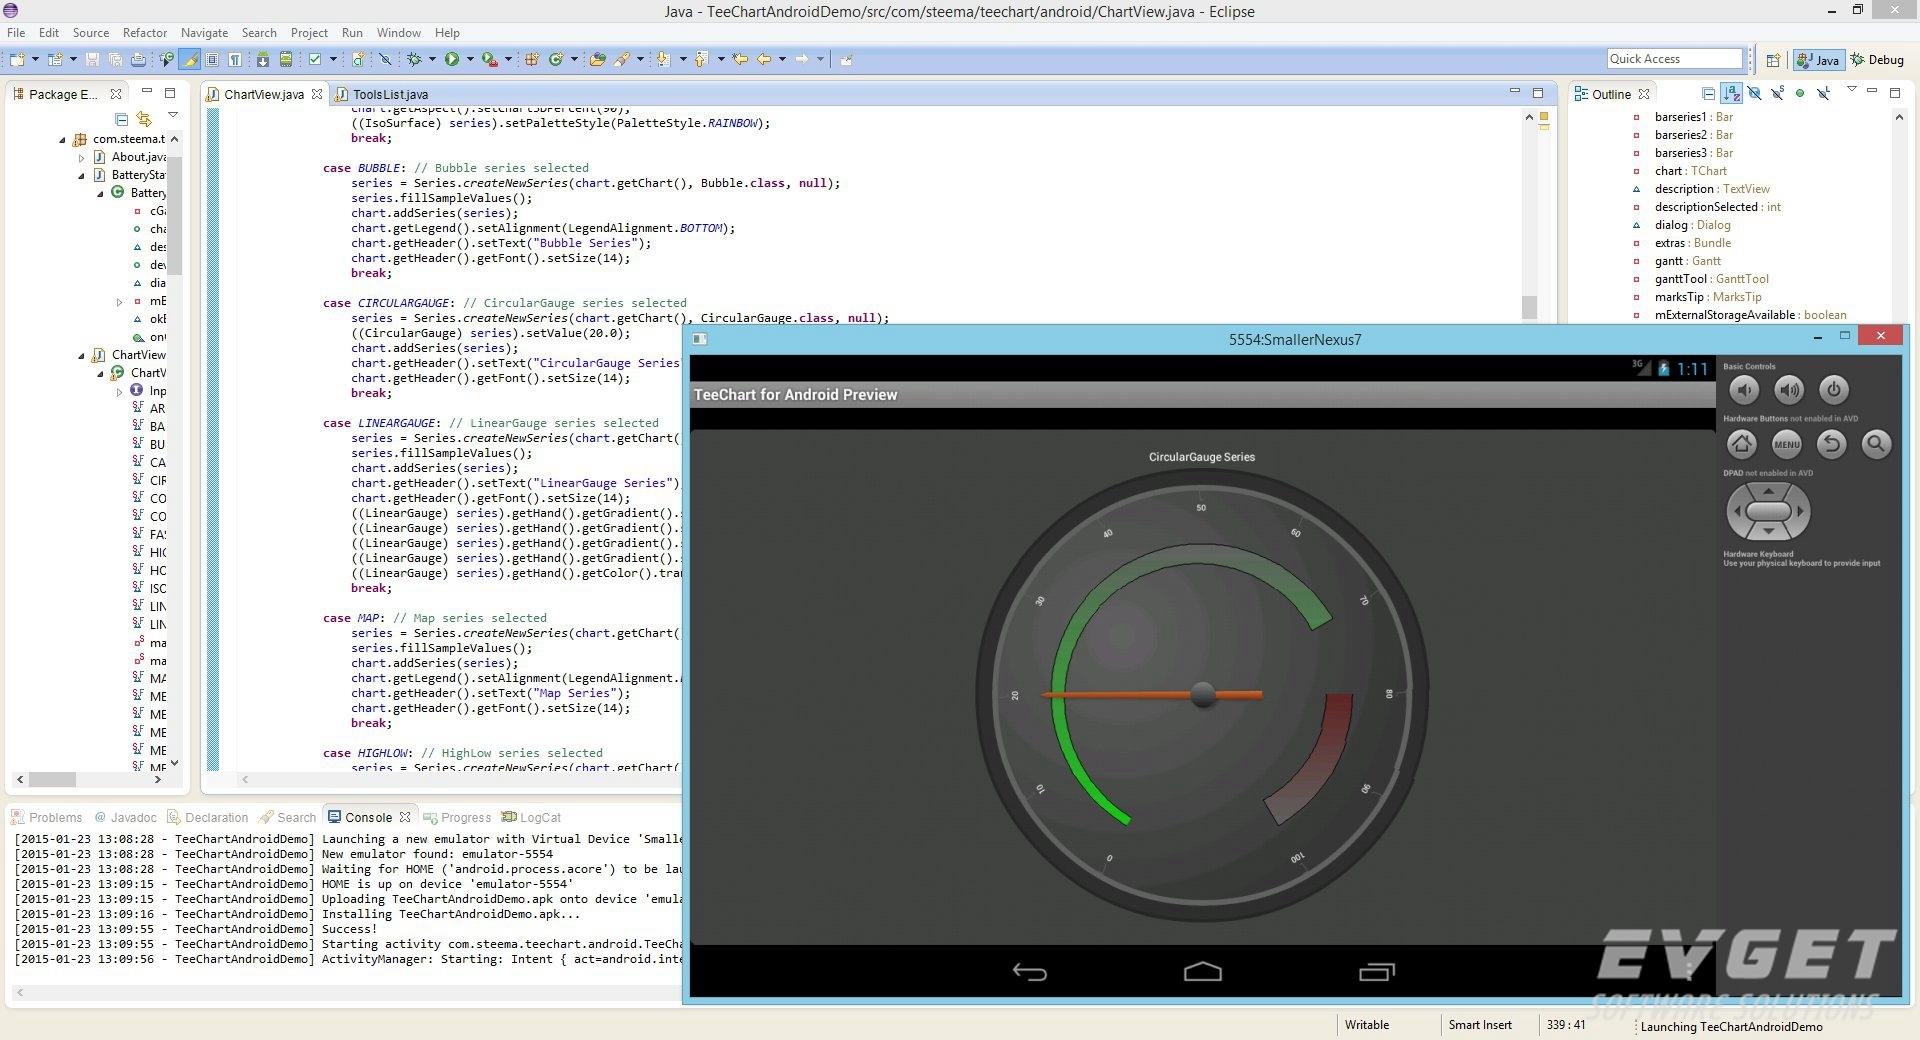 TeeChart Java for Android界面预览:JavaAndroid